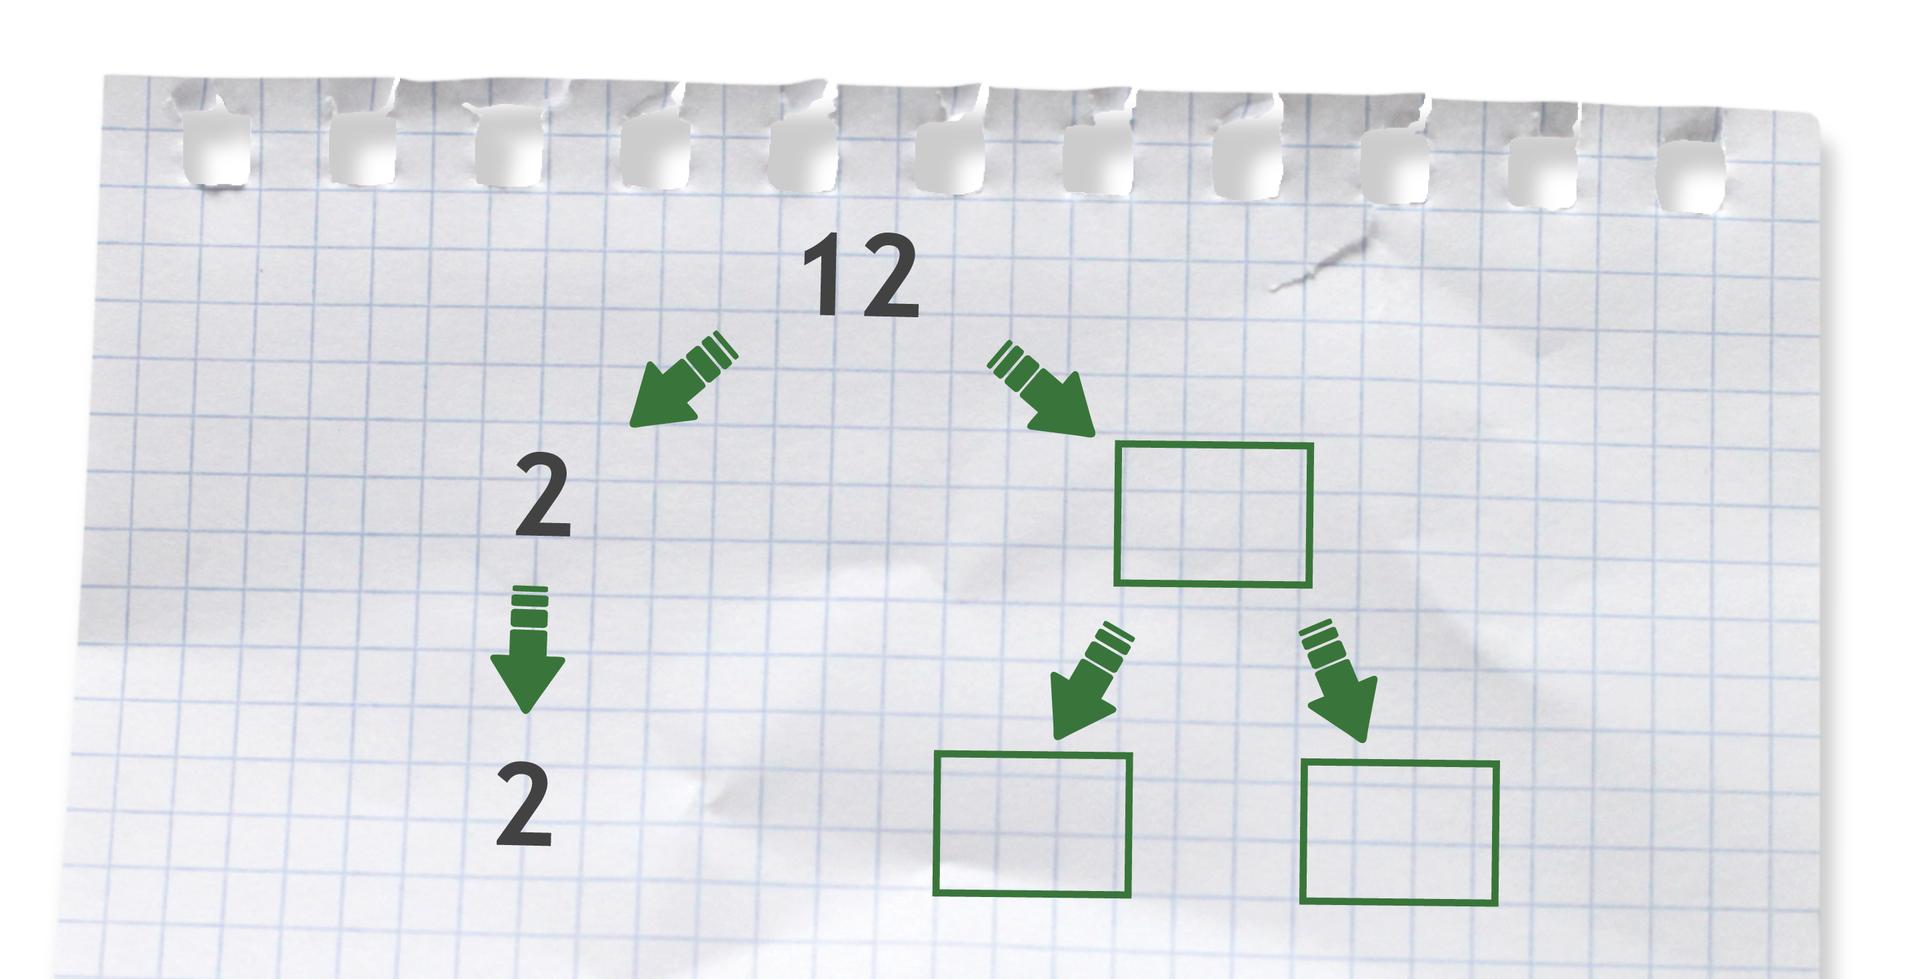 Rysunek drzewka do rozłożenia liczby 12 na czynniki pierwsze.